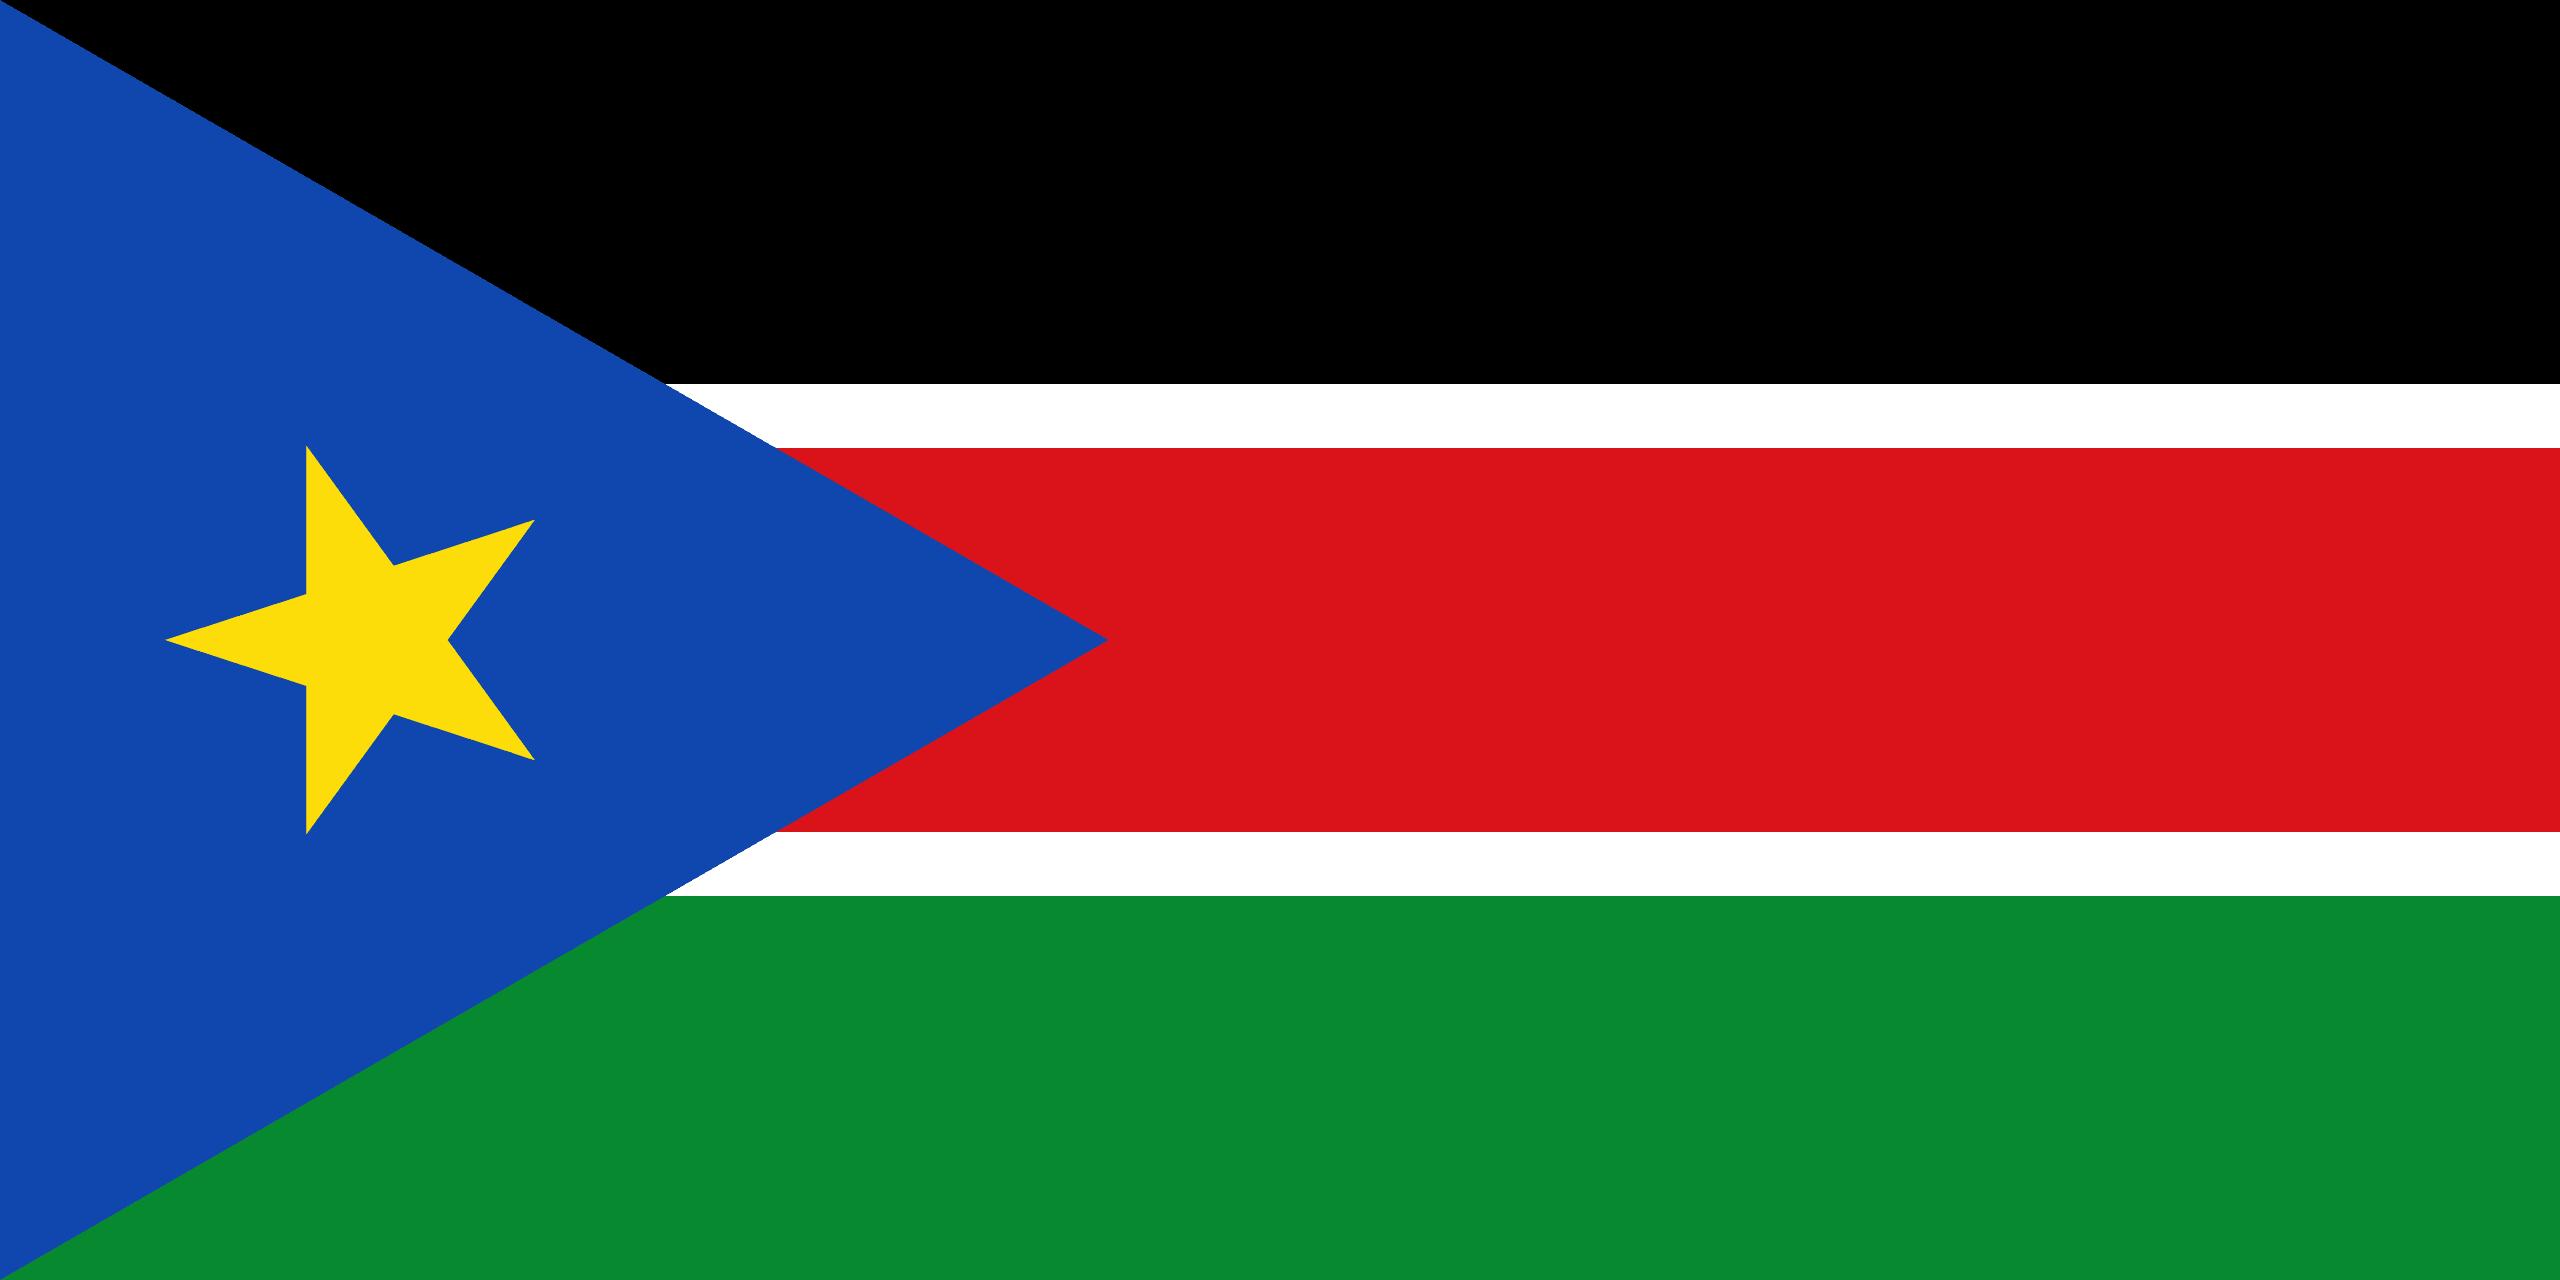 Σημαία Νότιου Σουδάν